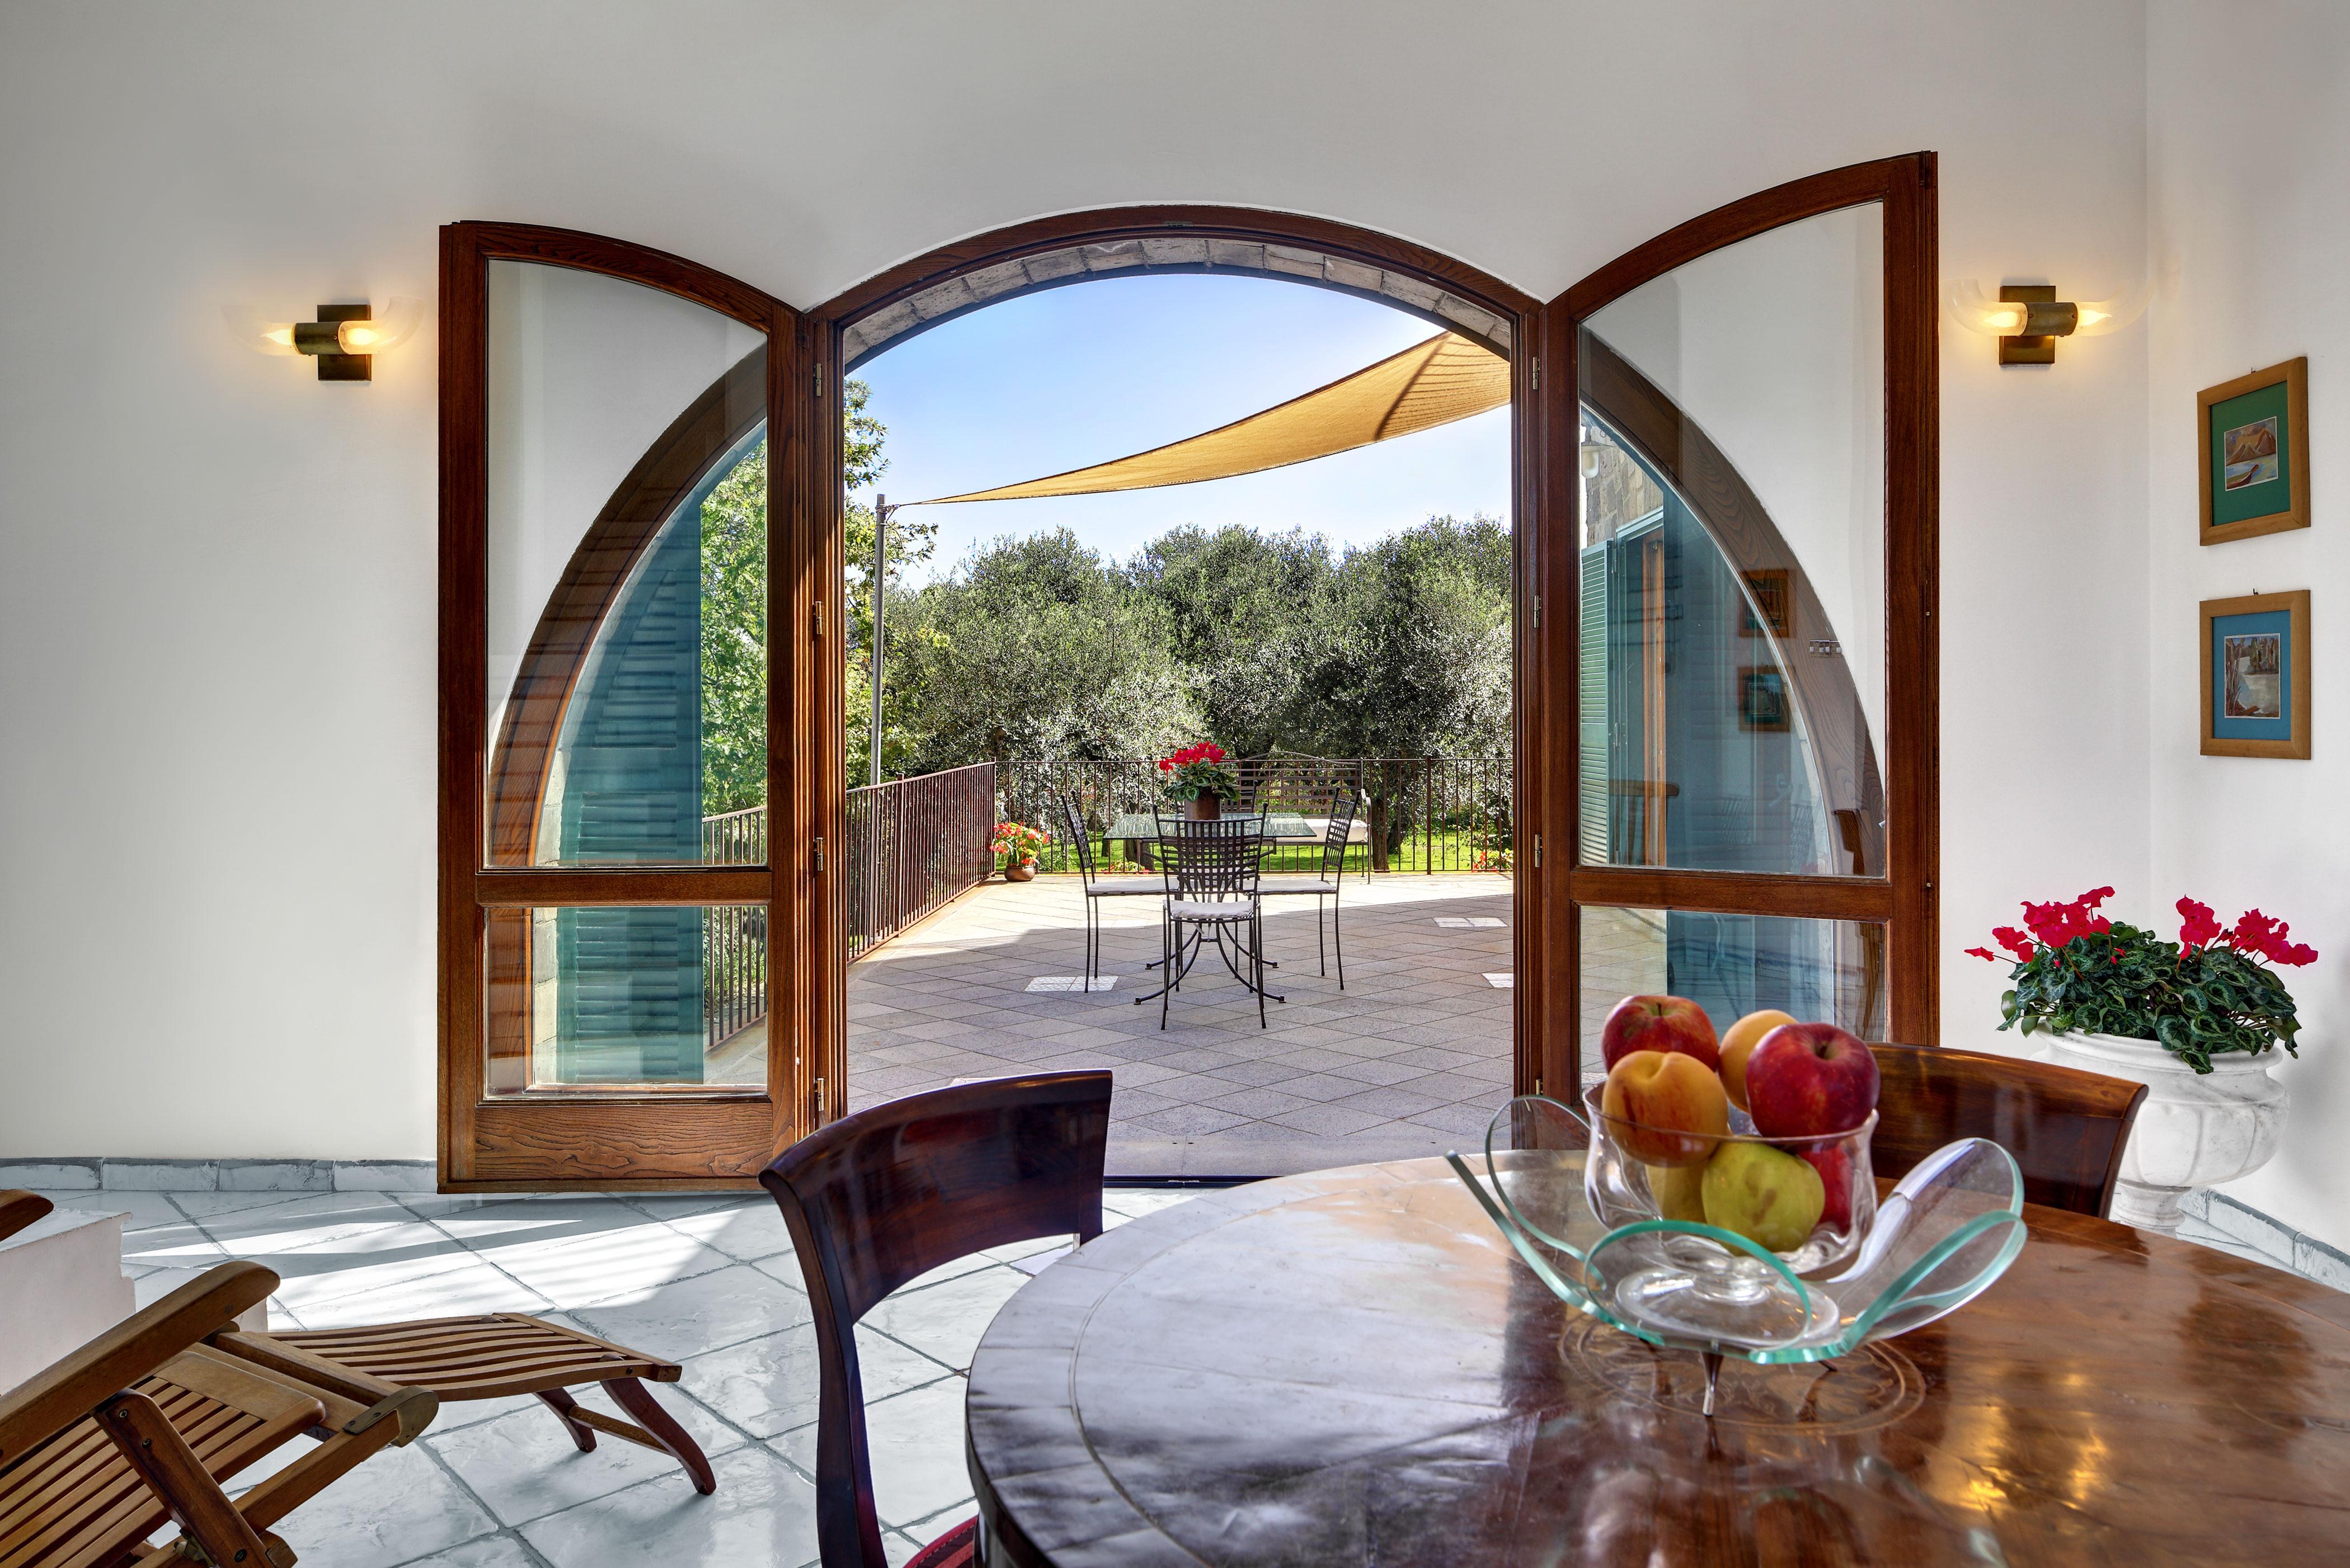 Apartment Villa Vesuvio - Luxury and Beauty photo 25033405